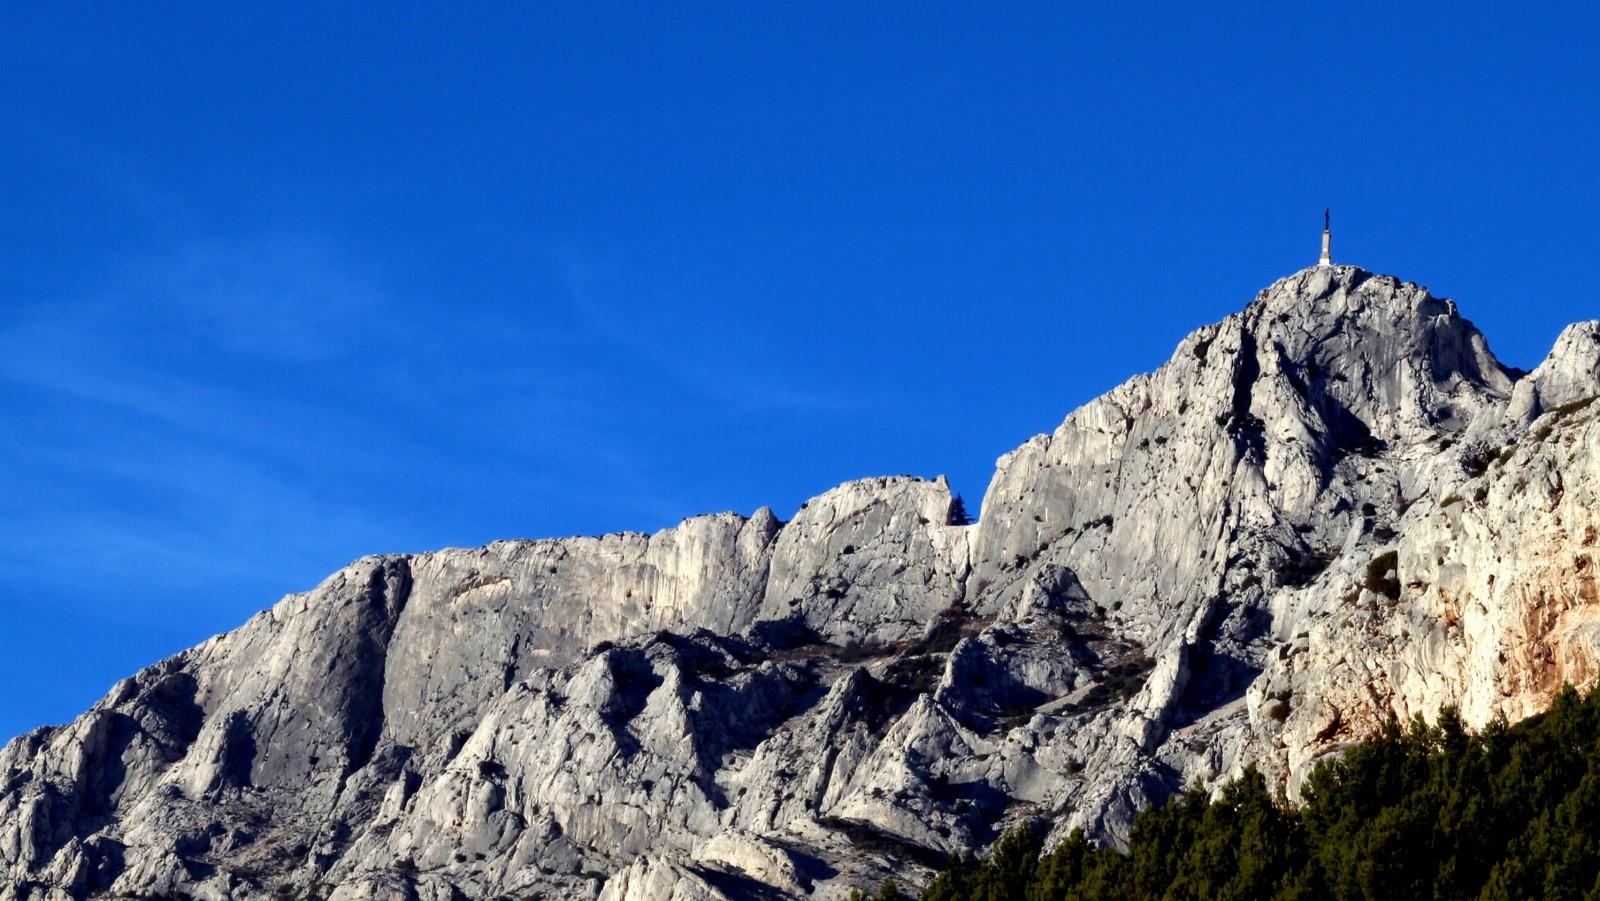 Paysage de la montagne Sainte-Victoire en Provence